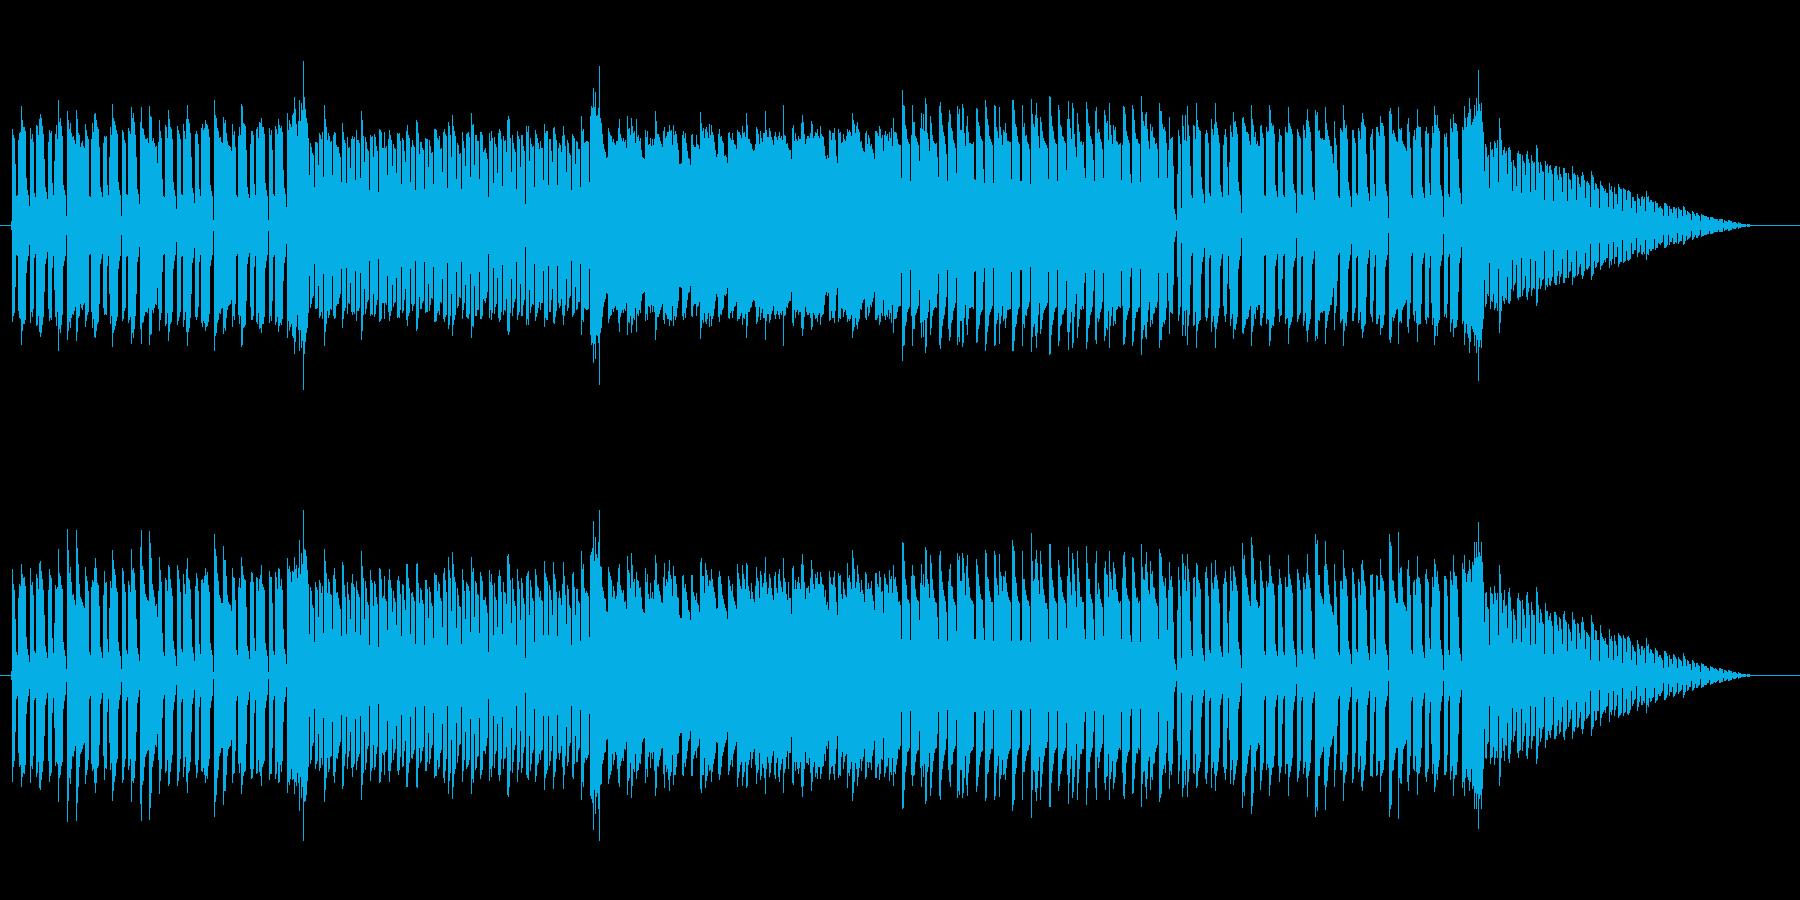 ゲームの戦闘曲風な楽曲です。ファミコン…の再生済みの波形